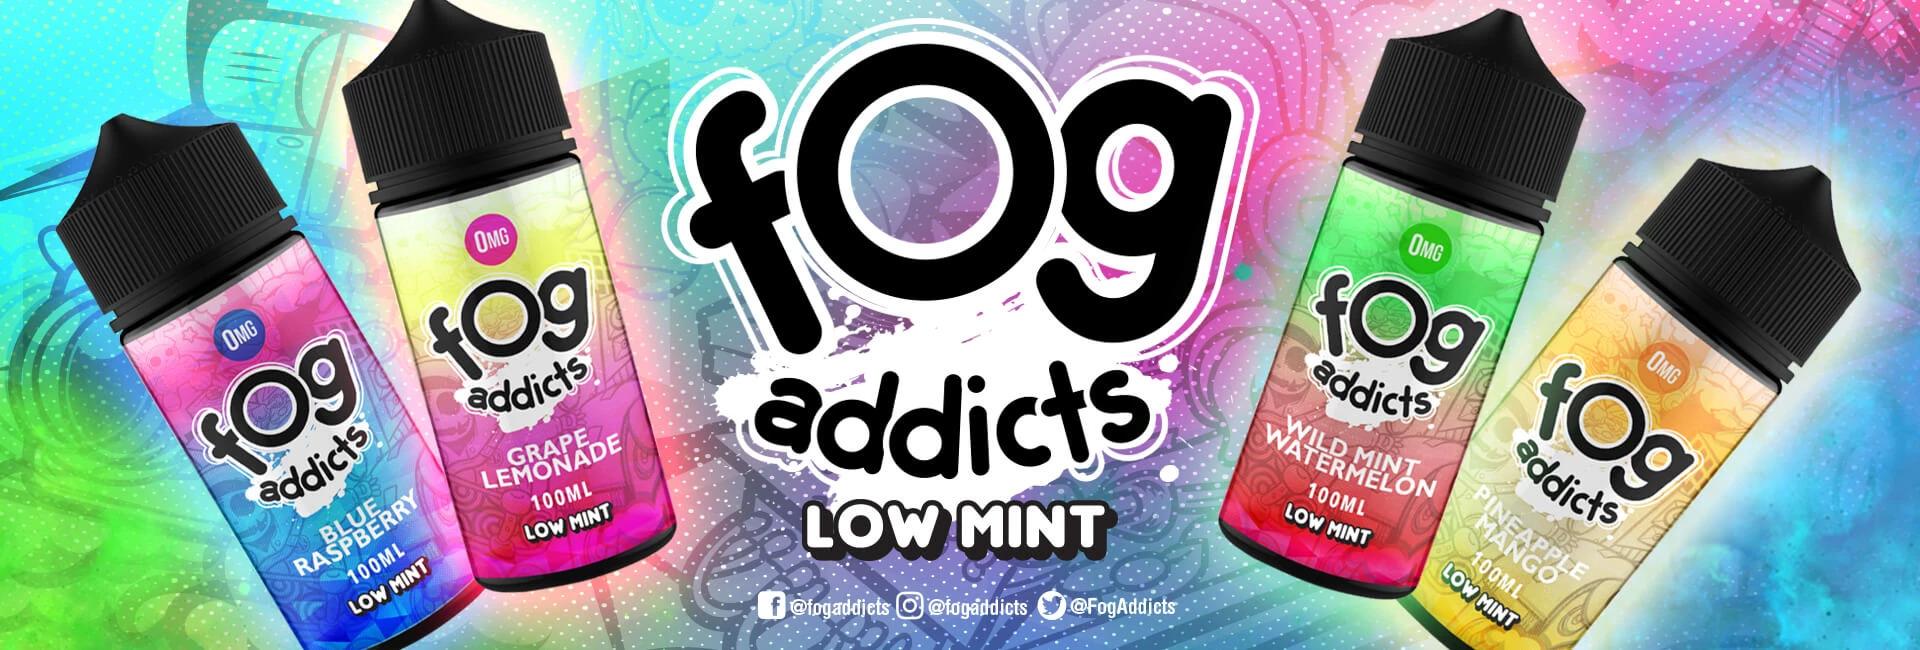 40% Off Fog Addicts E-Liquid